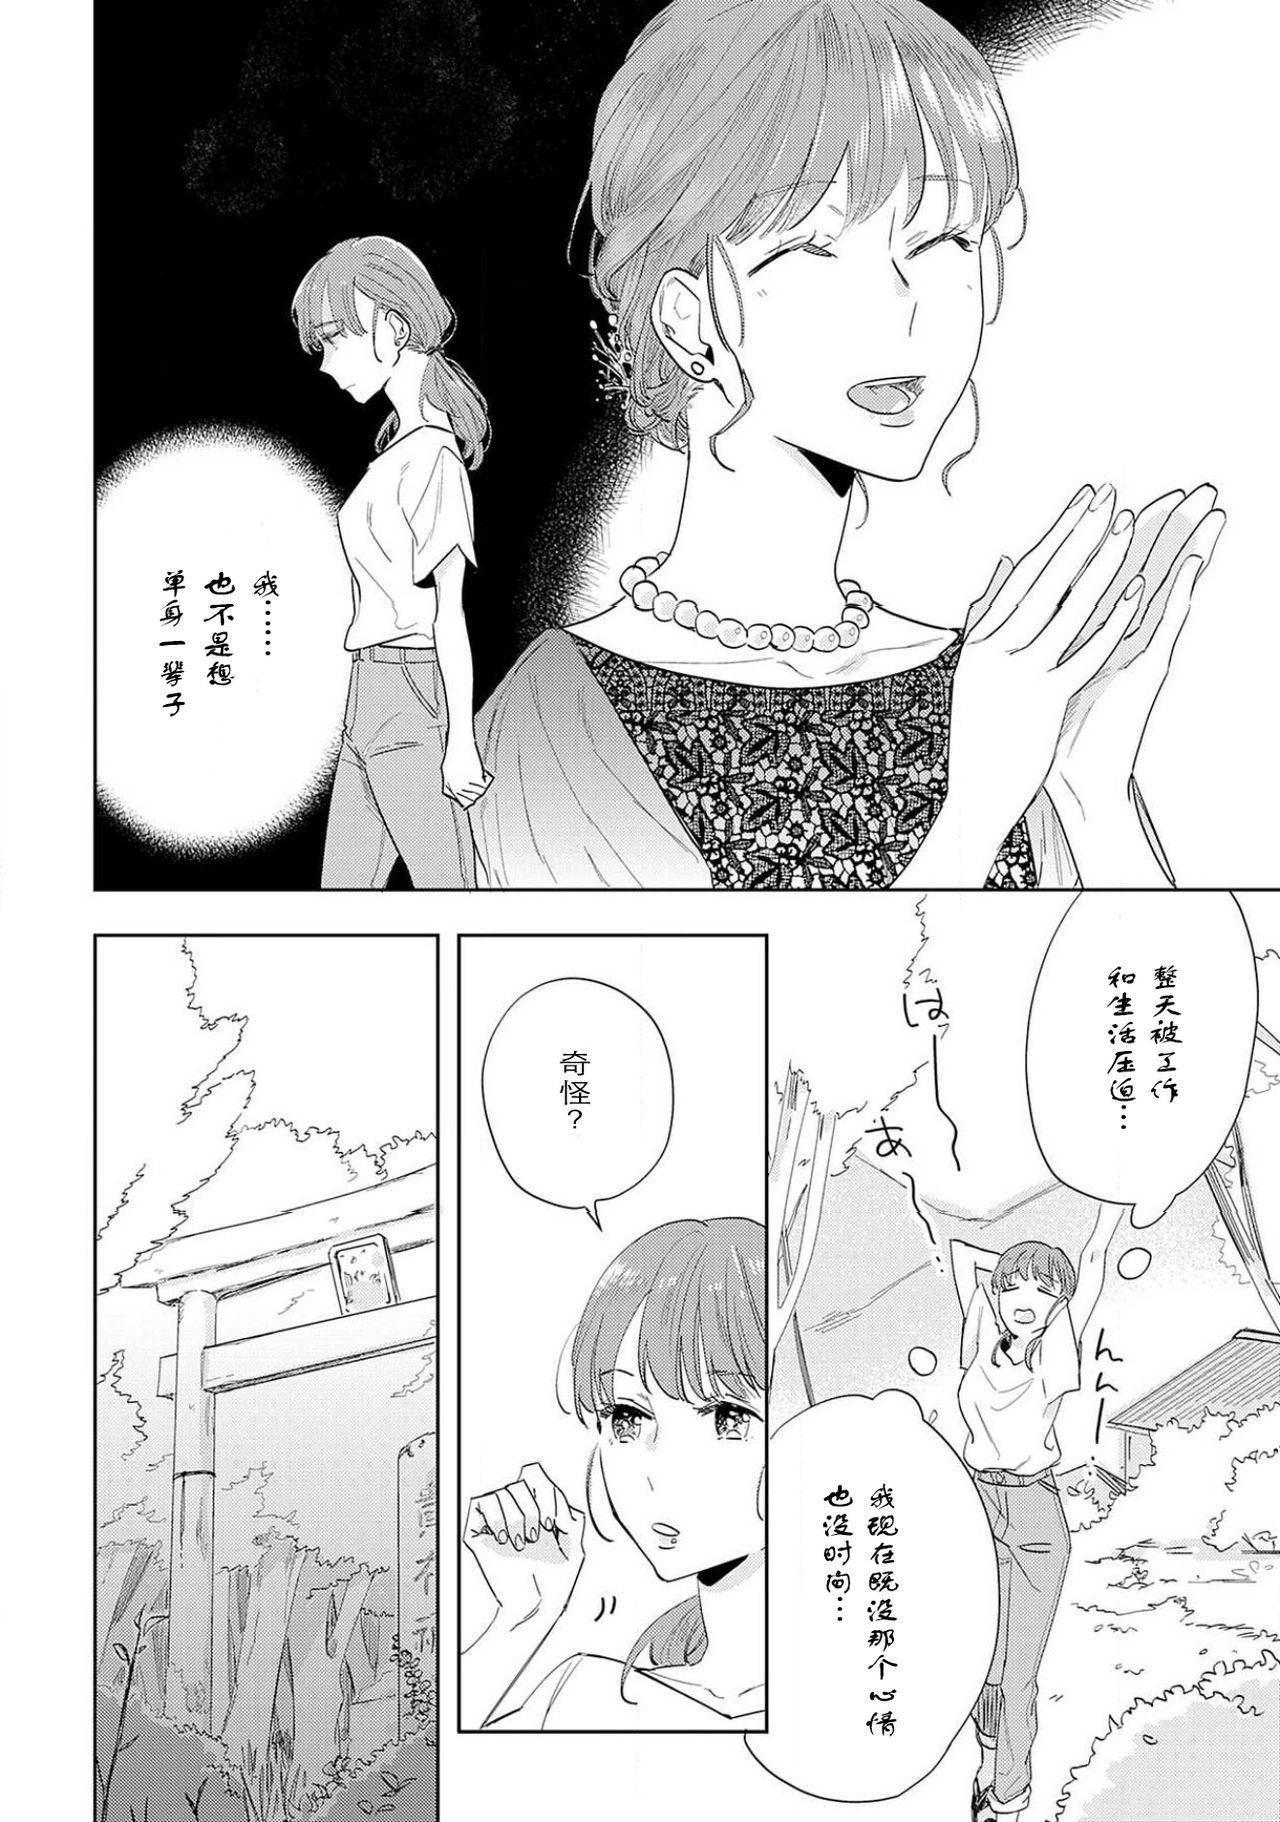 [Hachikawa Kyuu] Kami-sama to Ikenie H Keiyaku Shichaimashita | 我与神明大人签订了祭品H契约 1-3 [Chinese] [莉赛特汉化组] 4